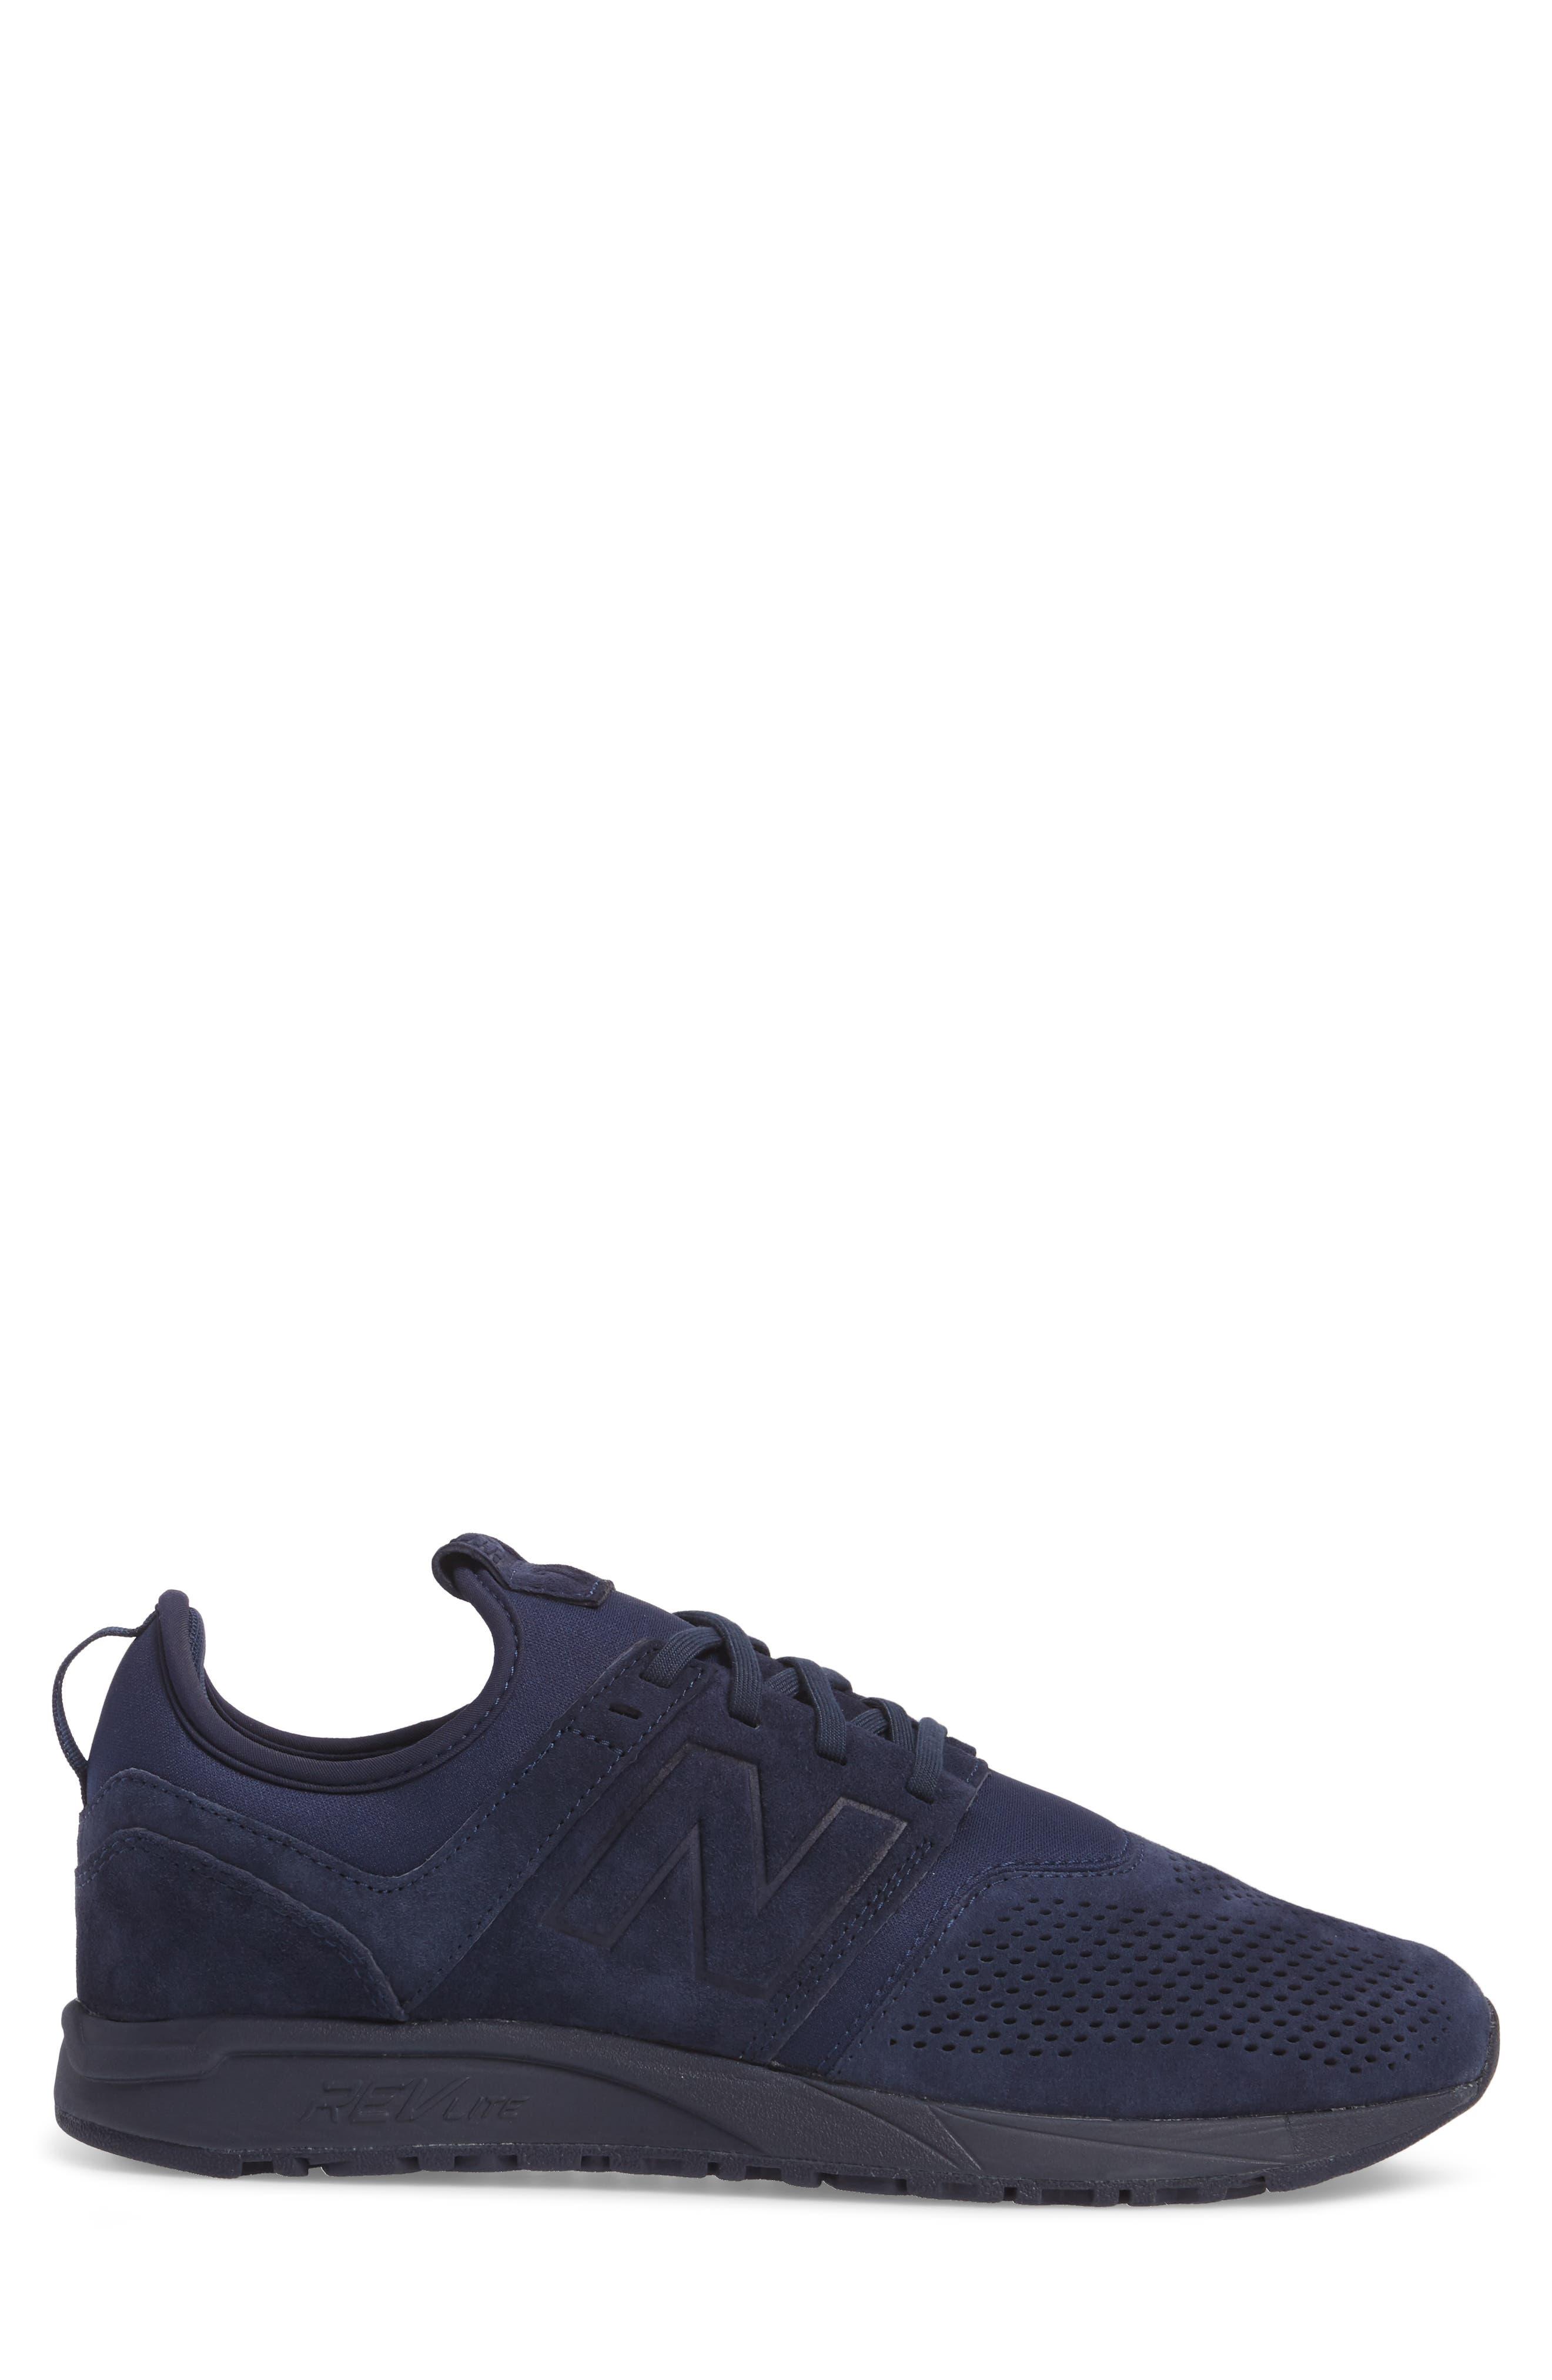 MRL247 Sneaker,                             Alternate thumbnail 6, color,